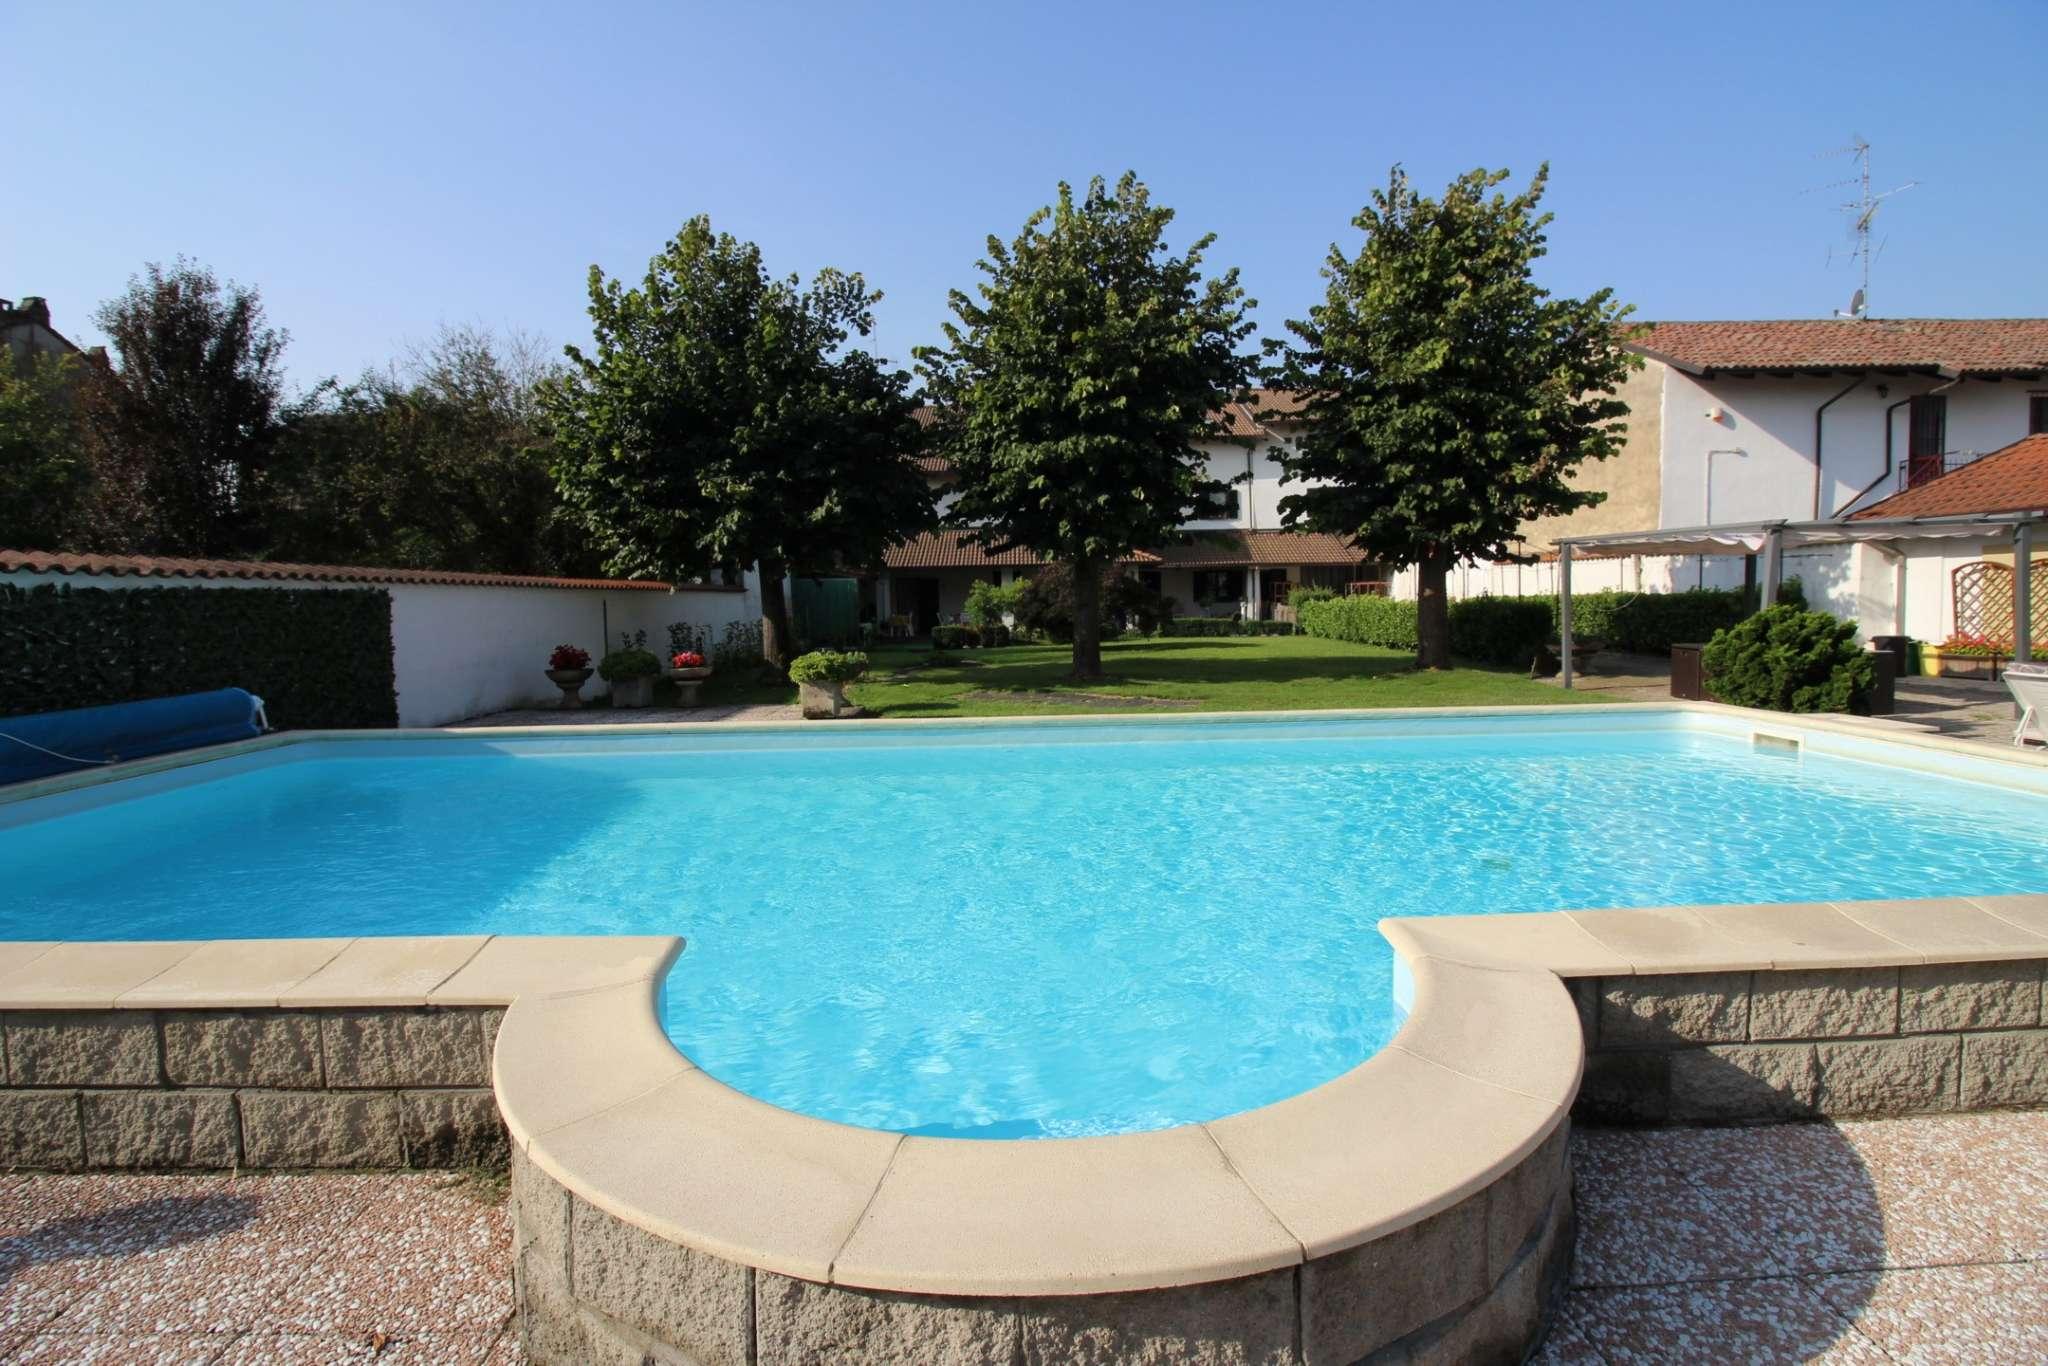 Villa in vendita a Asigliano Vercellese, 12 locali, prezzo € 580.000 | CambioCasa.it